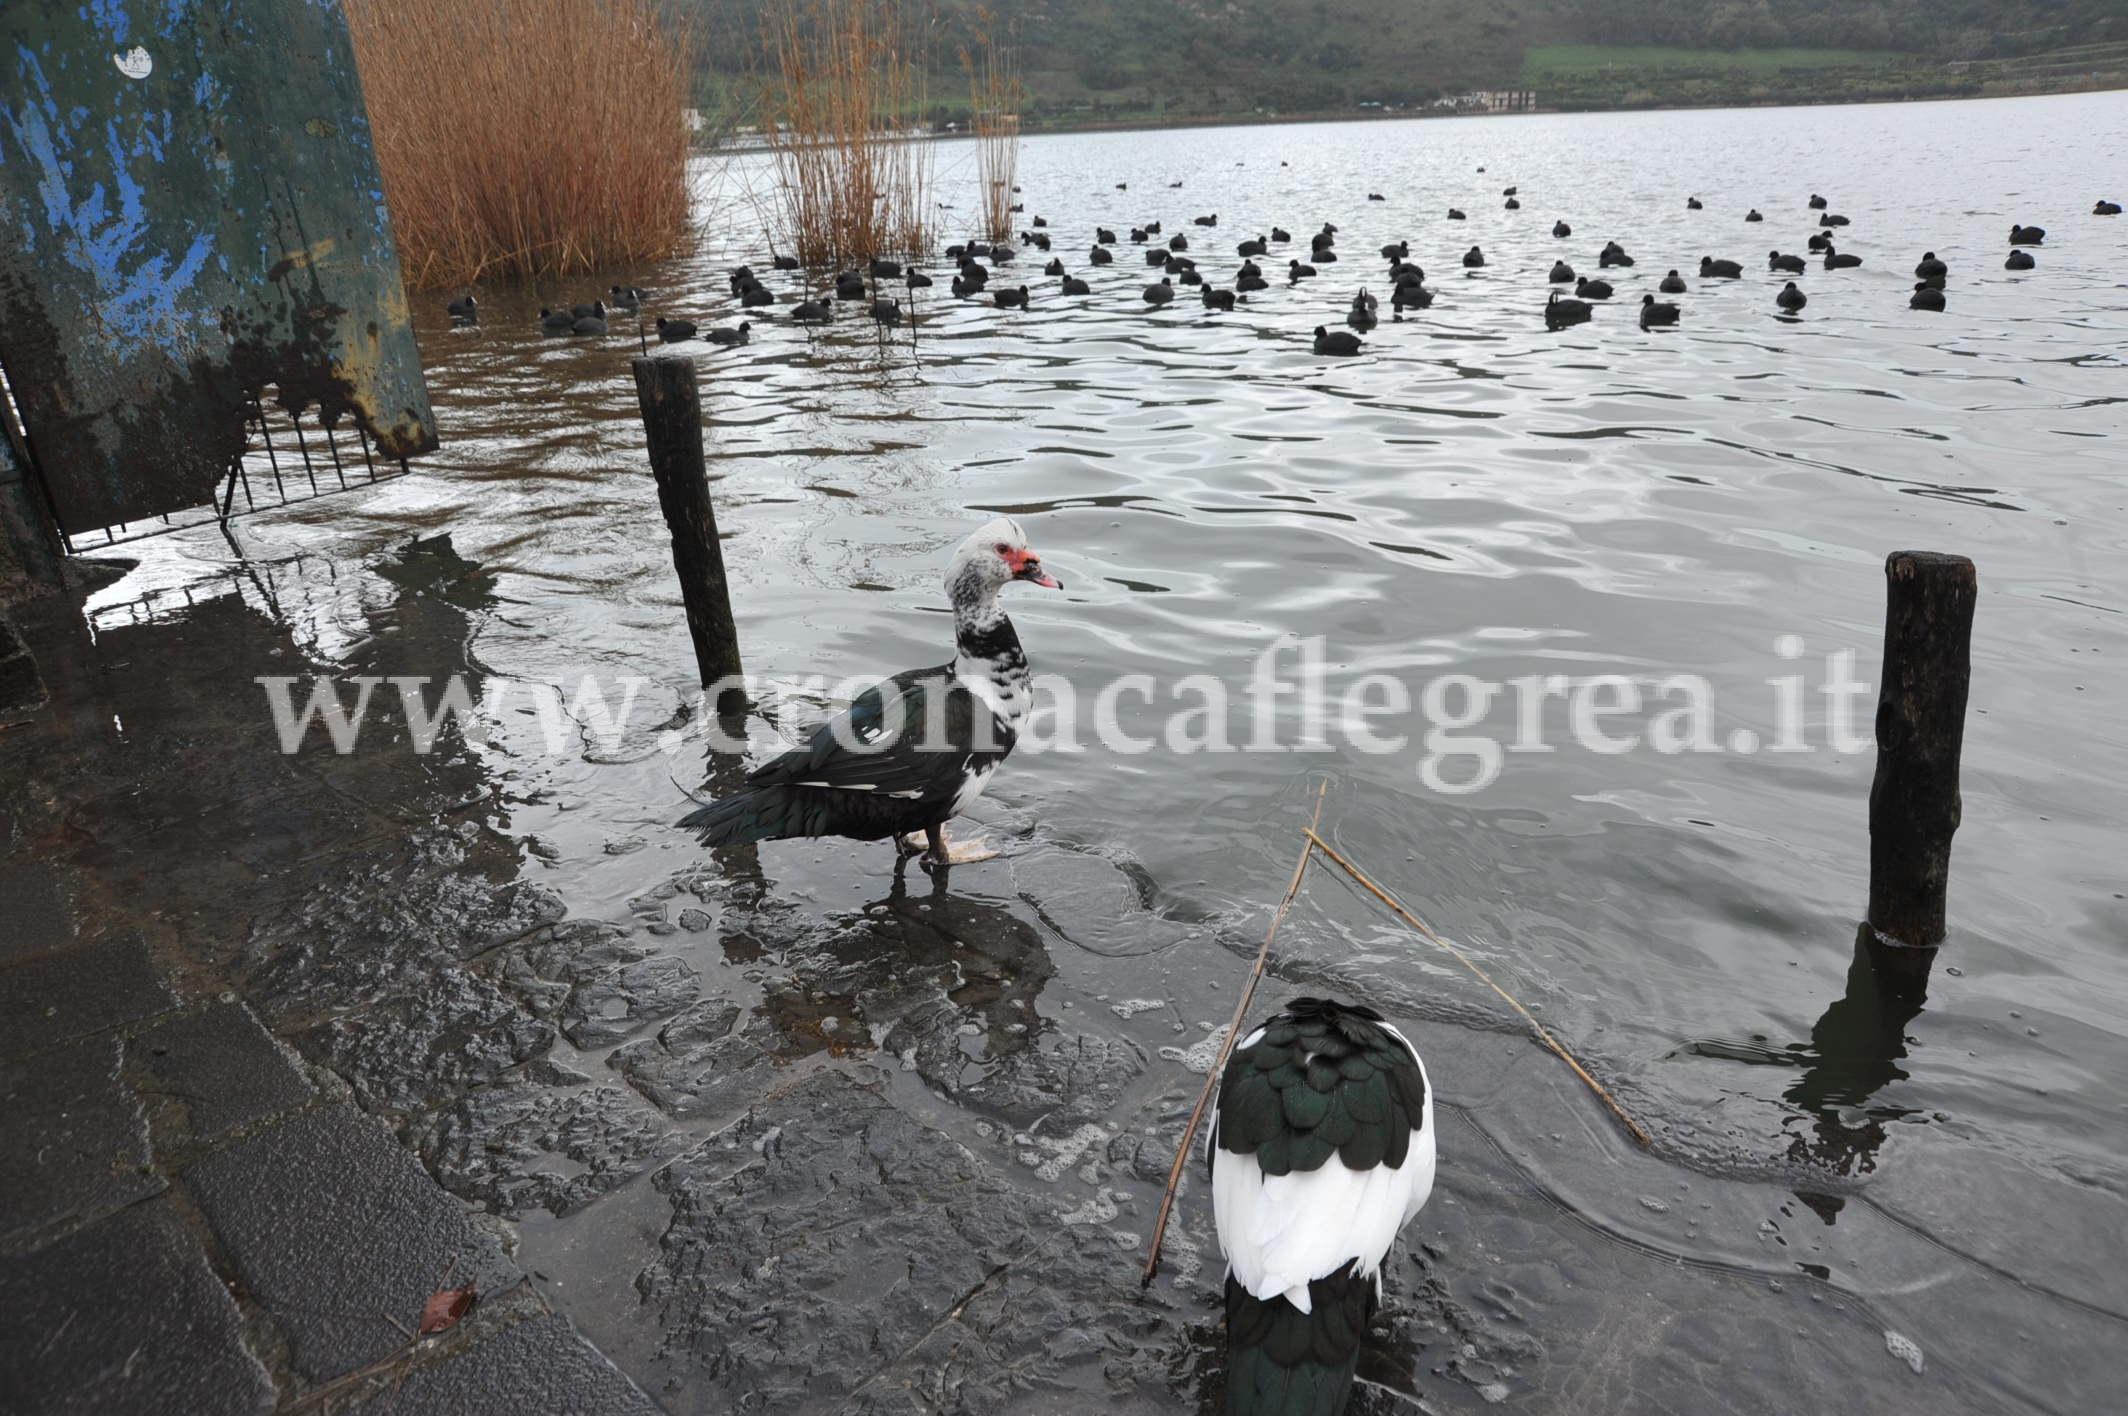 Lago d'averno in piena (2)